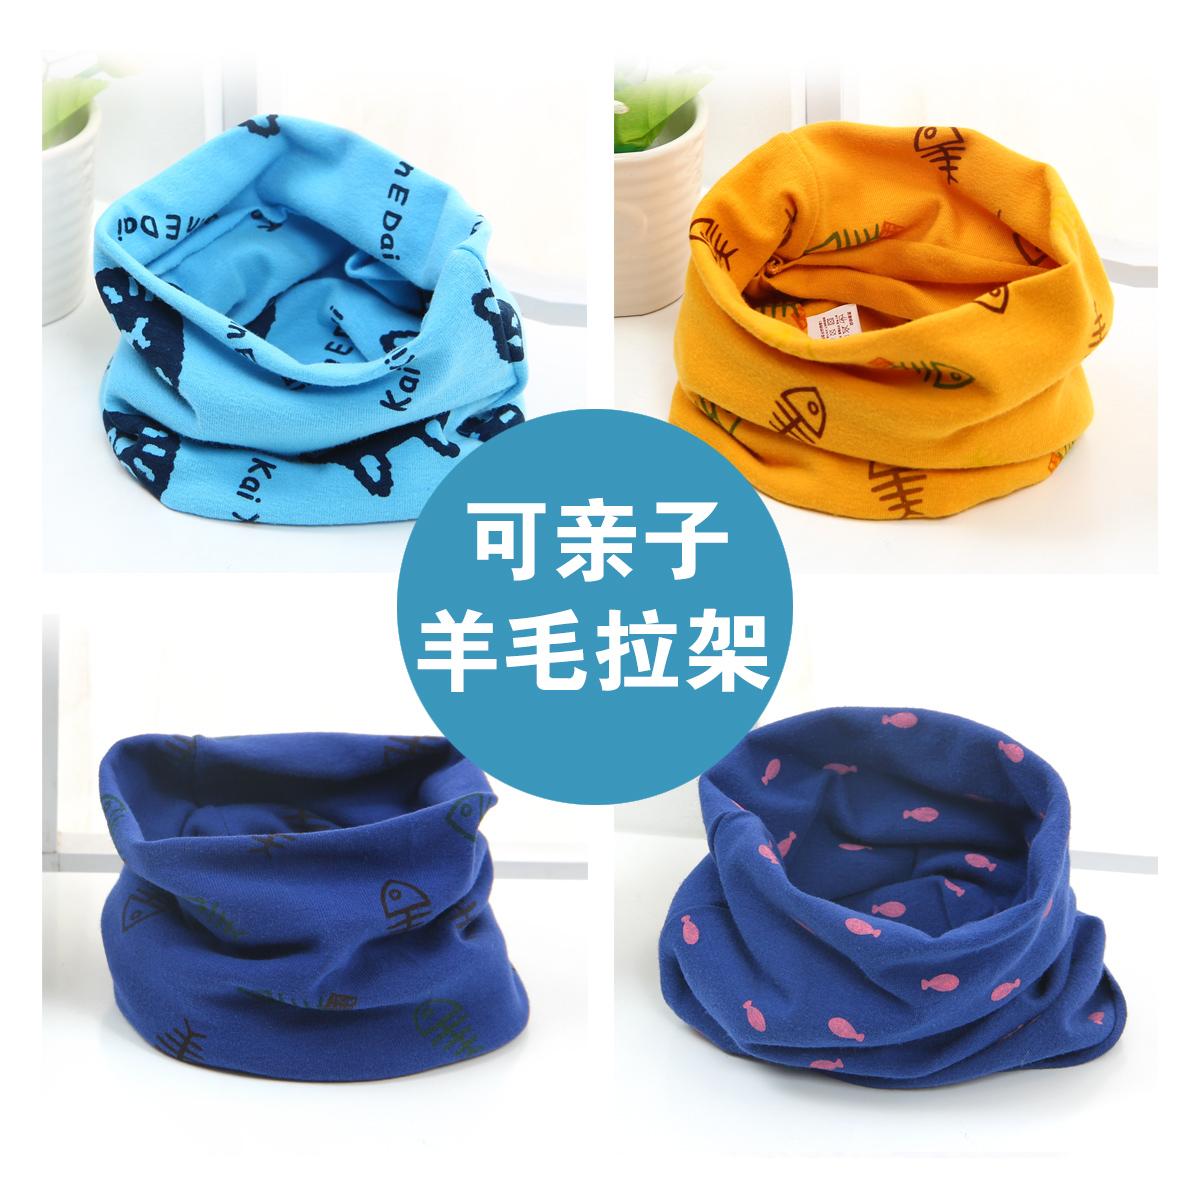 Утка ноги теплой осень/зима шарфы для детей корейской версии чистого хлопка нагрудник значение семьи для мальчиков головы воротом хлопка